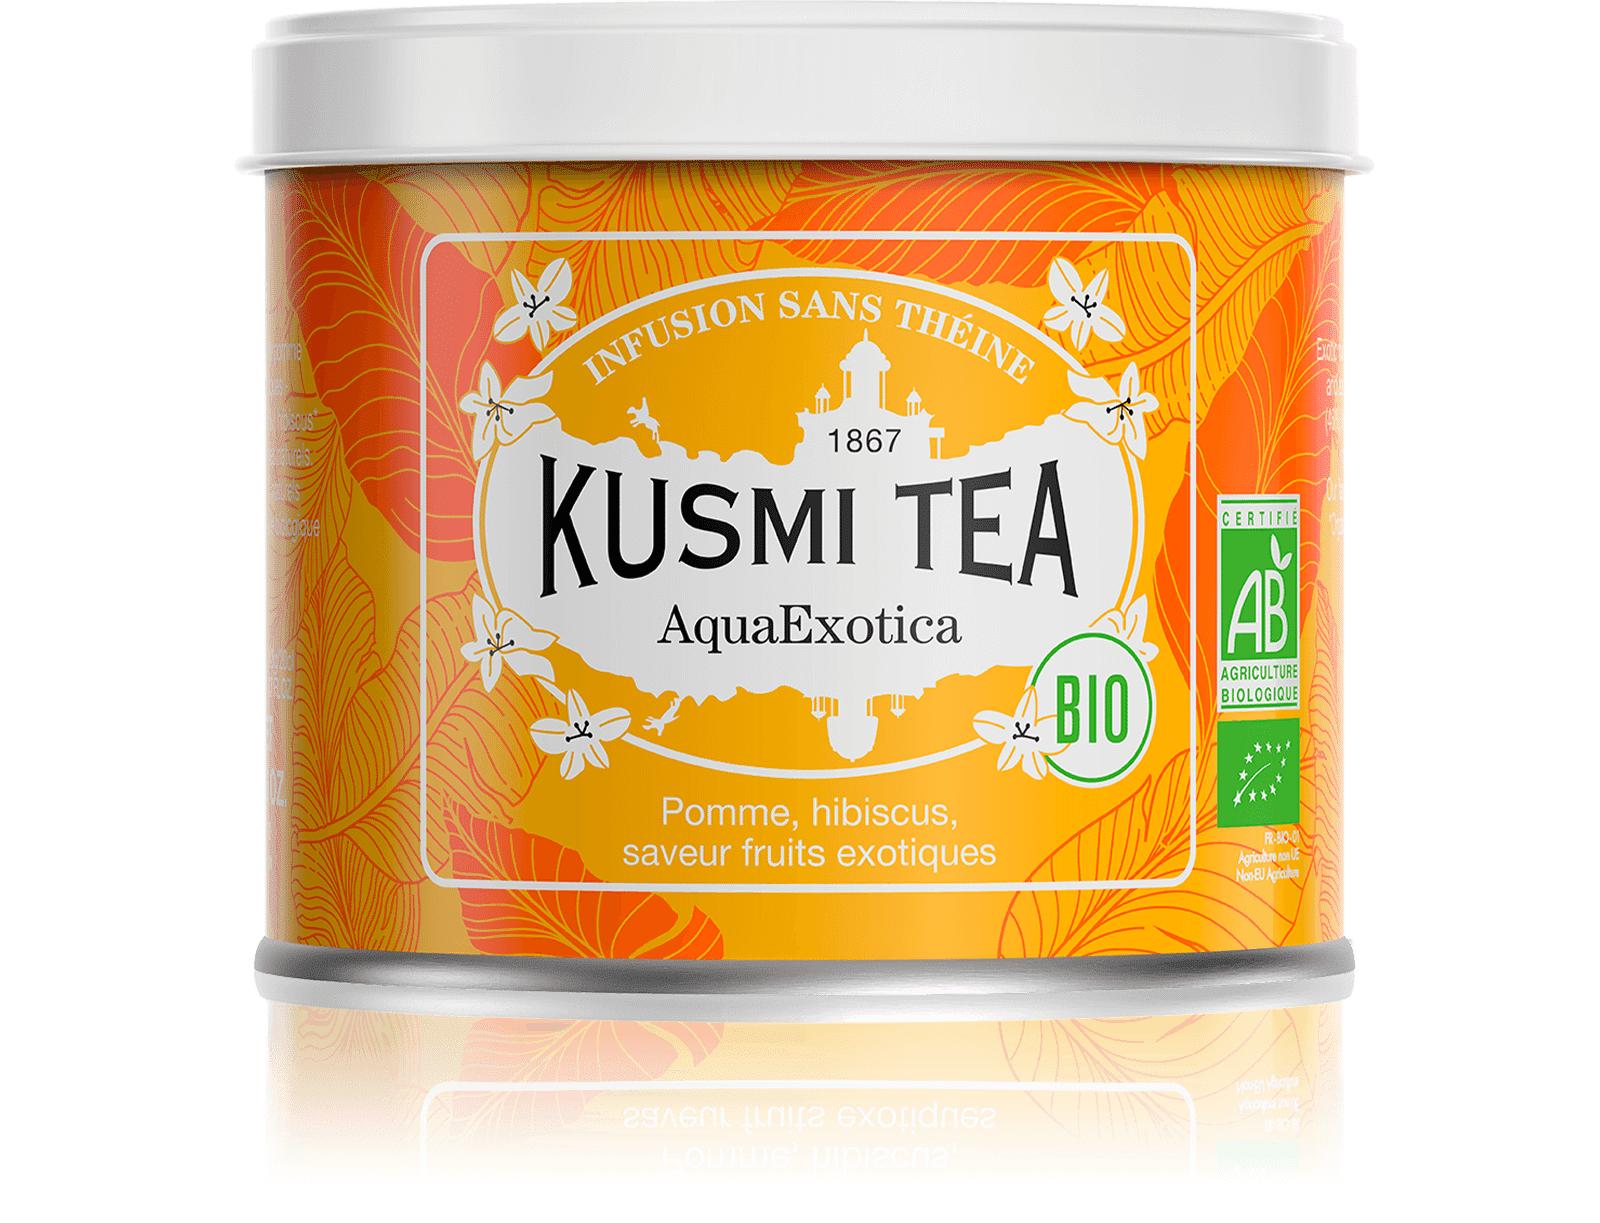 KUSMI TEA AquaExotica (Infusion de fruits bio) - Infusion hibiscus, mangue - Boîte de thé en vrac - Kusmi Tea